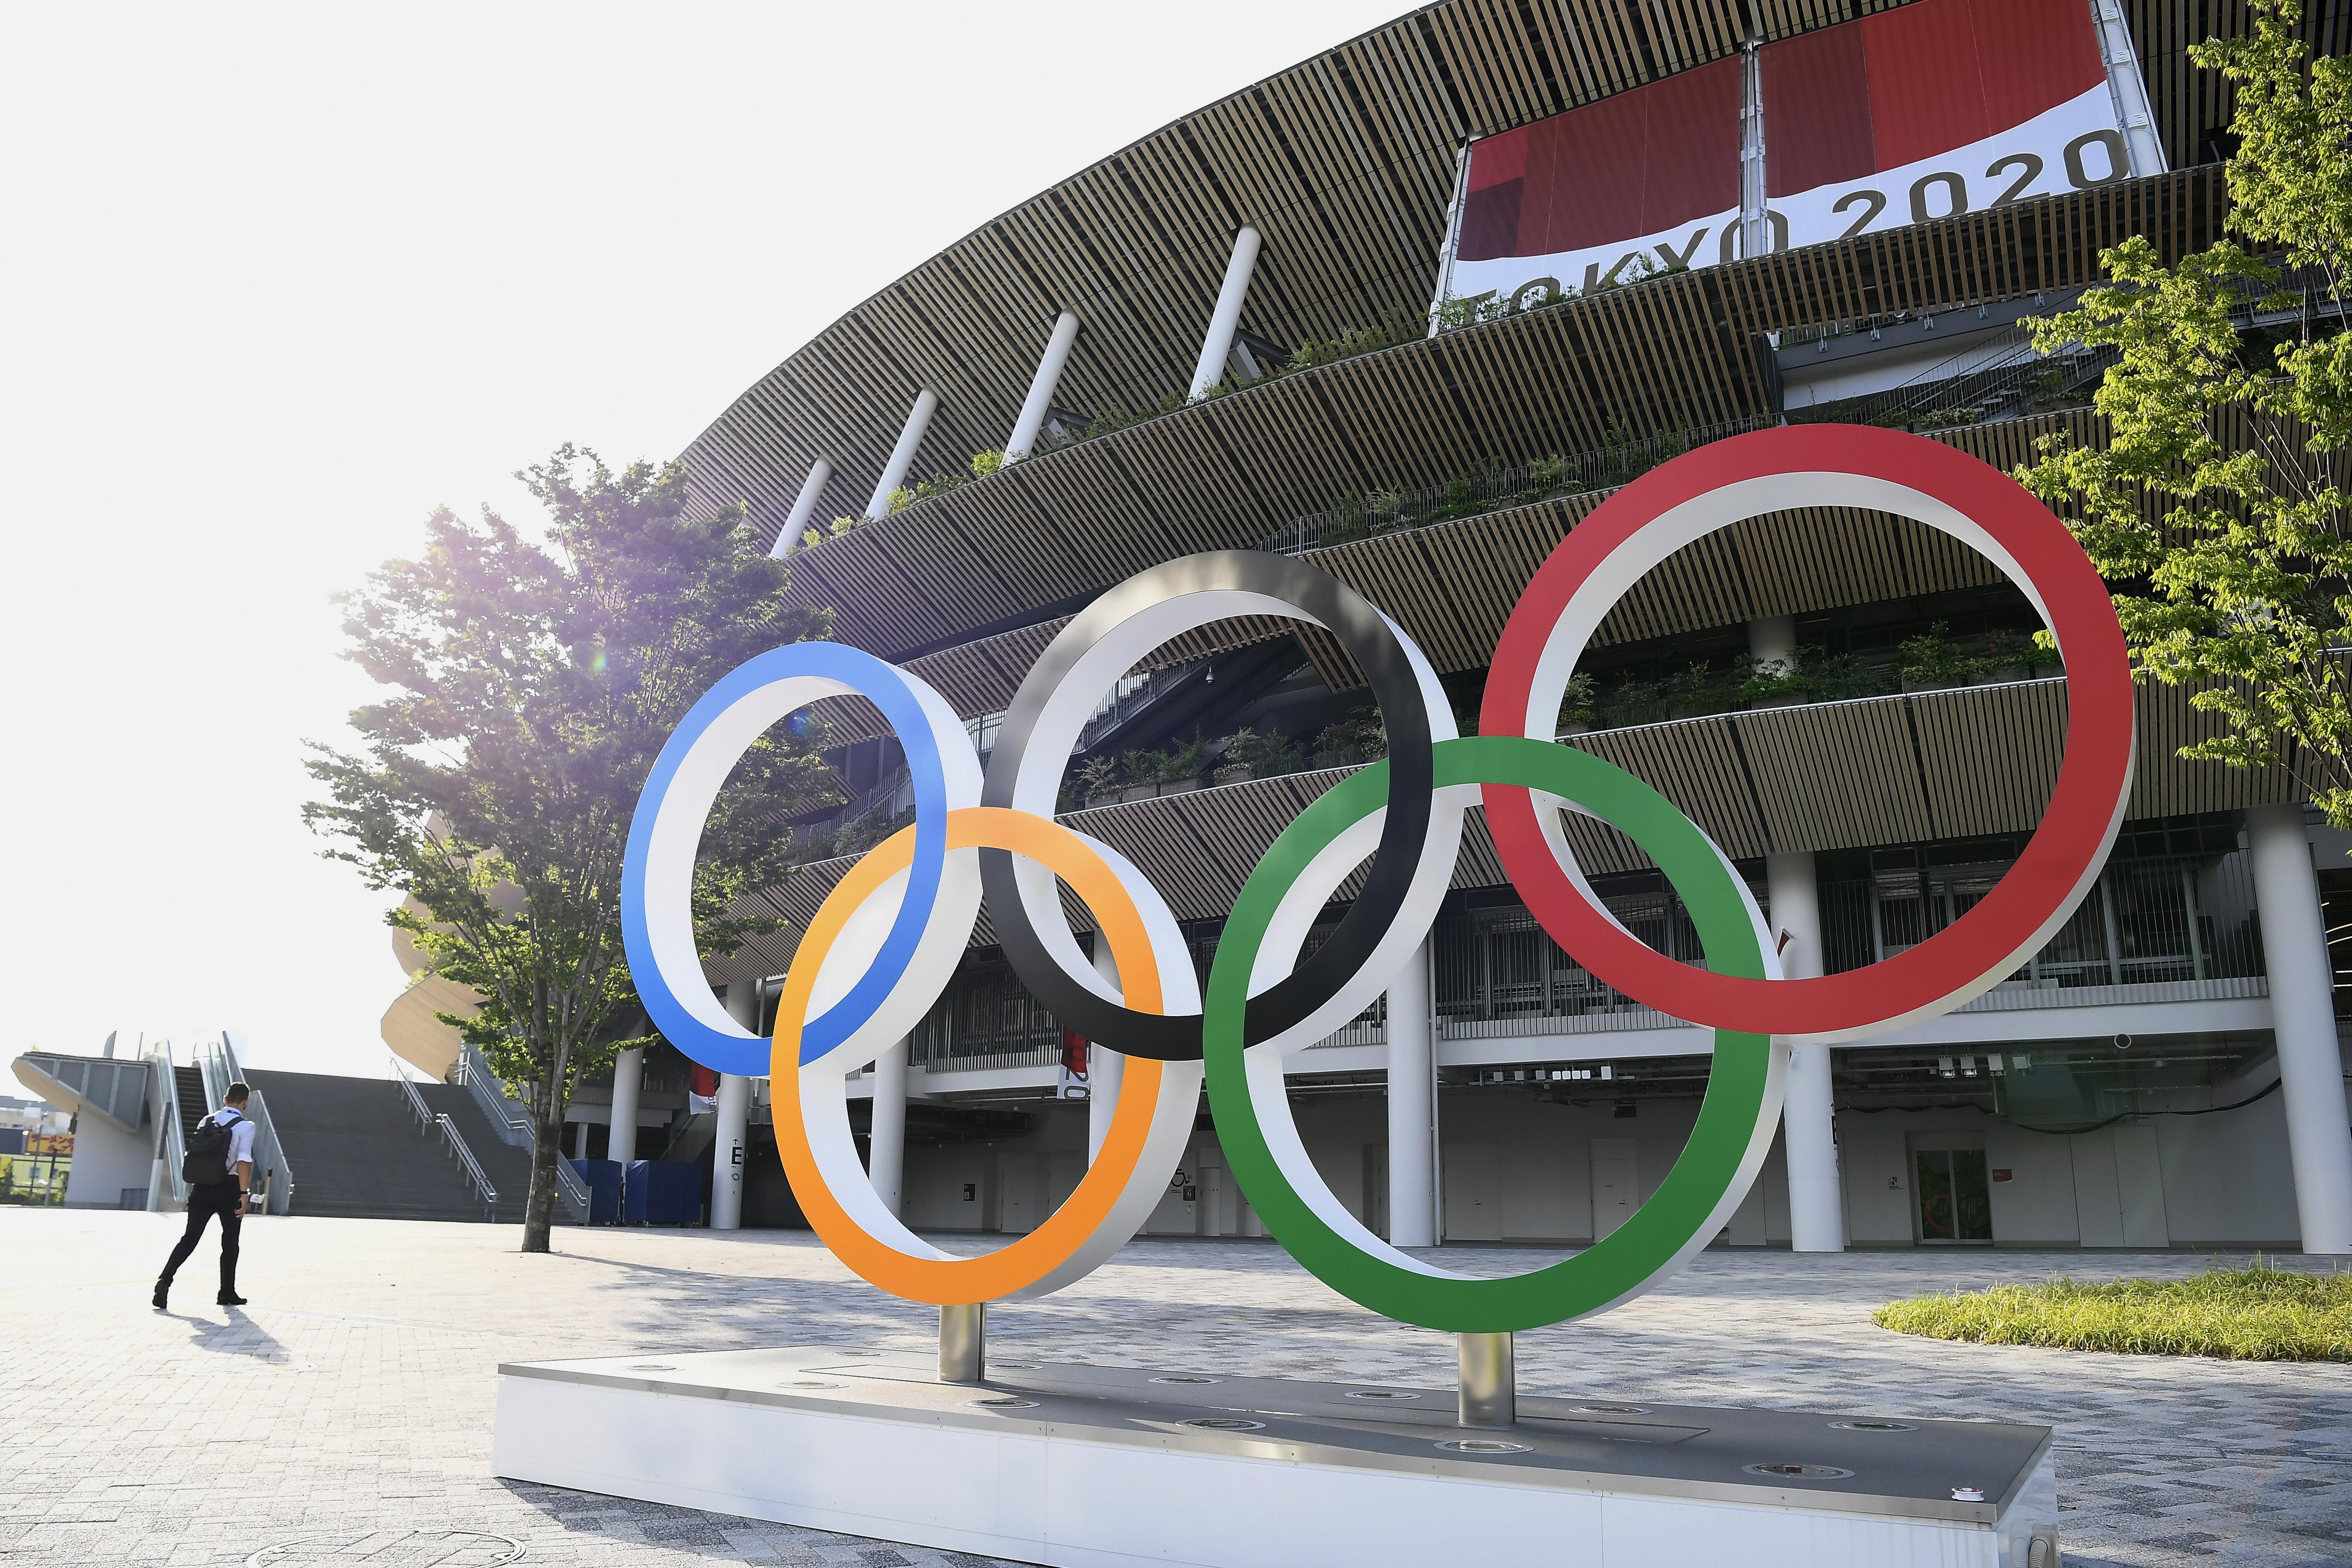 Bach: az olimpia felülmúlta a várakozásokat